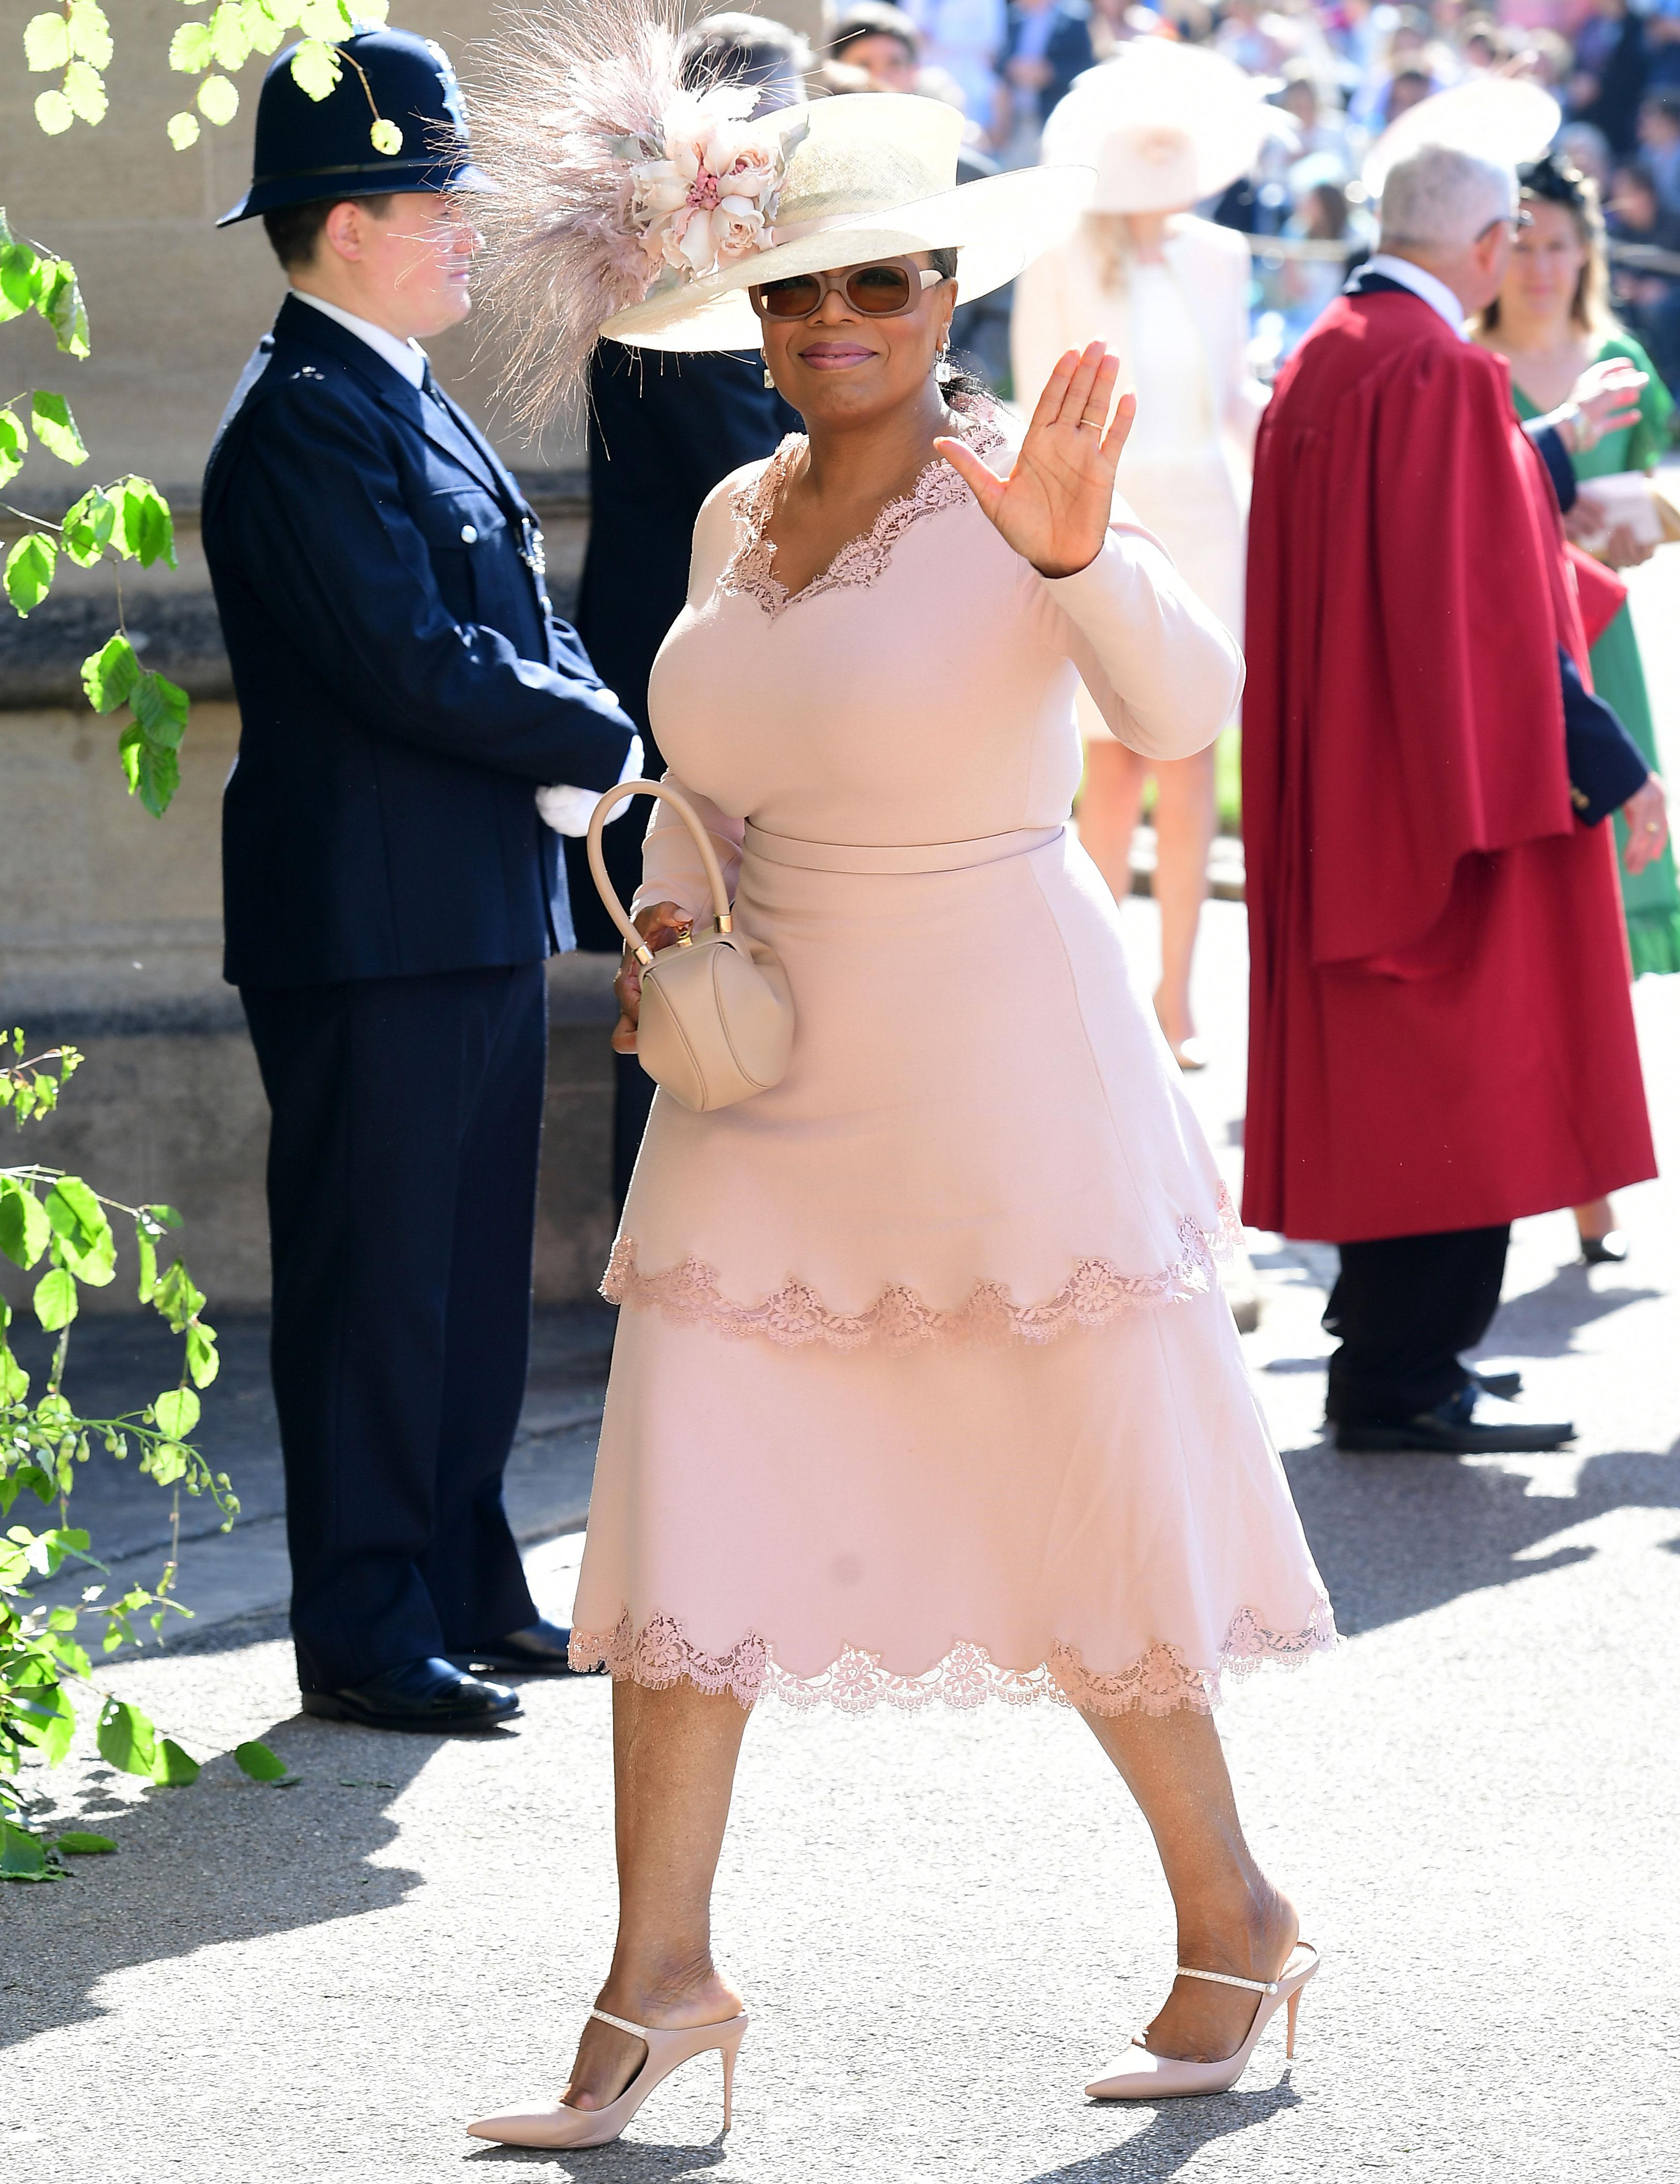 oprah-winfrey-entre-los-invitados-mas-destacados